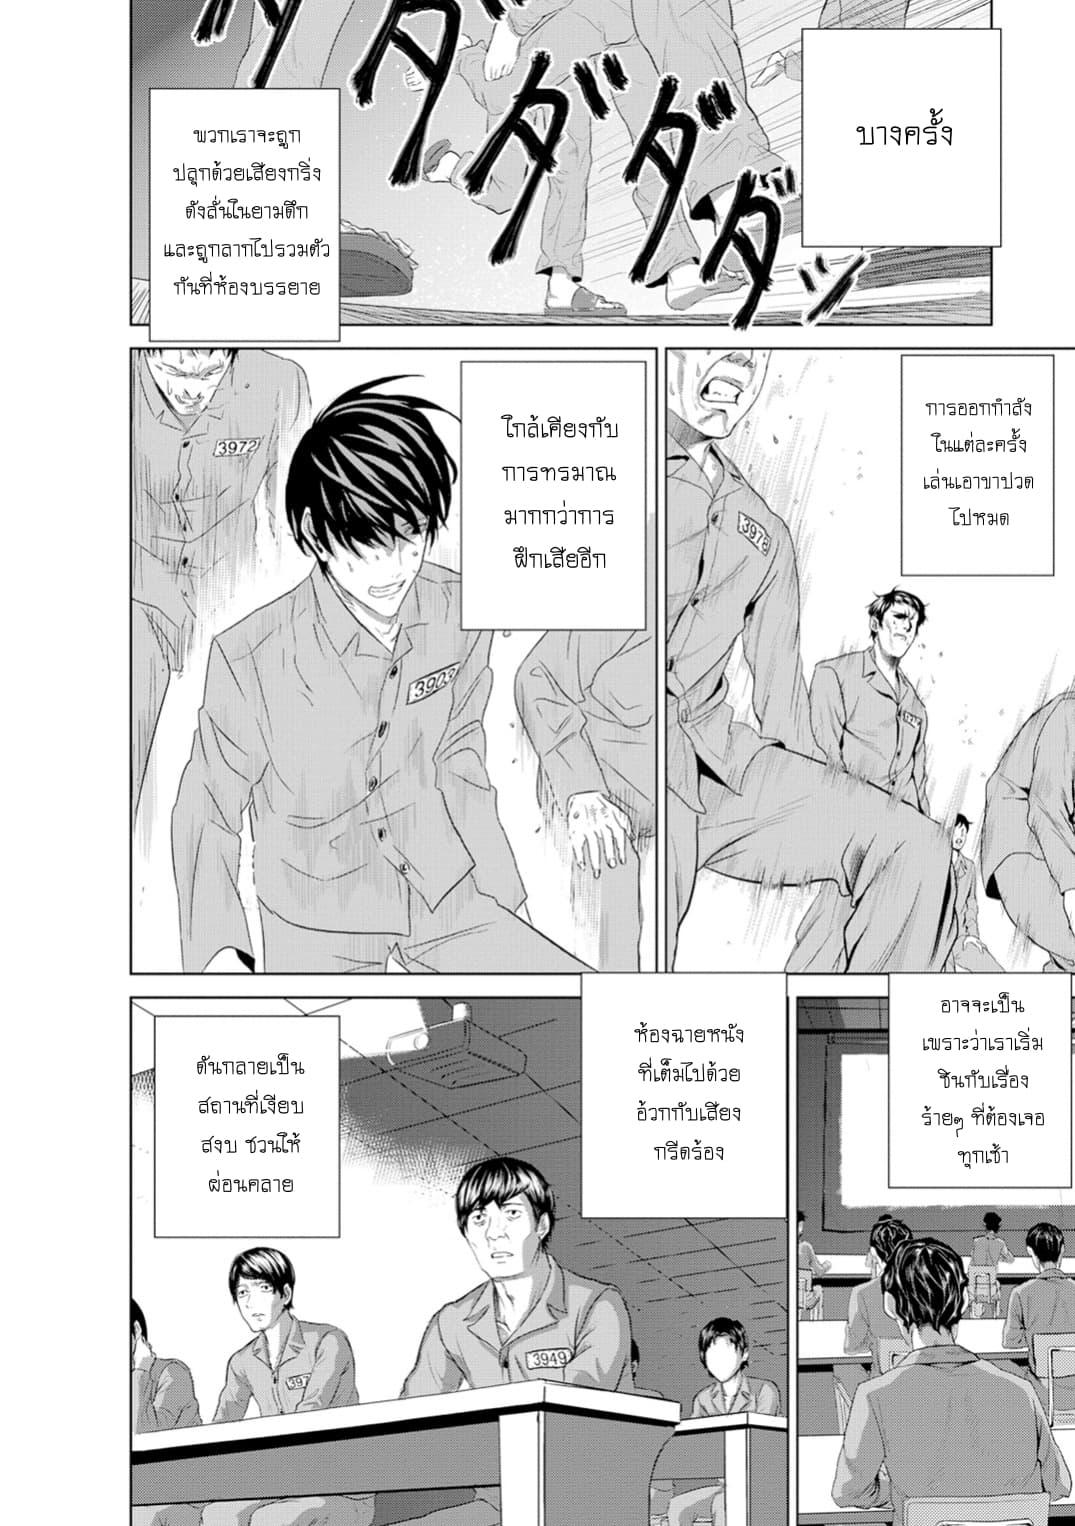 อ่านการ์ตูน Unemployed Concentration Camp ตอนที่ 2 หน้าที่ 33